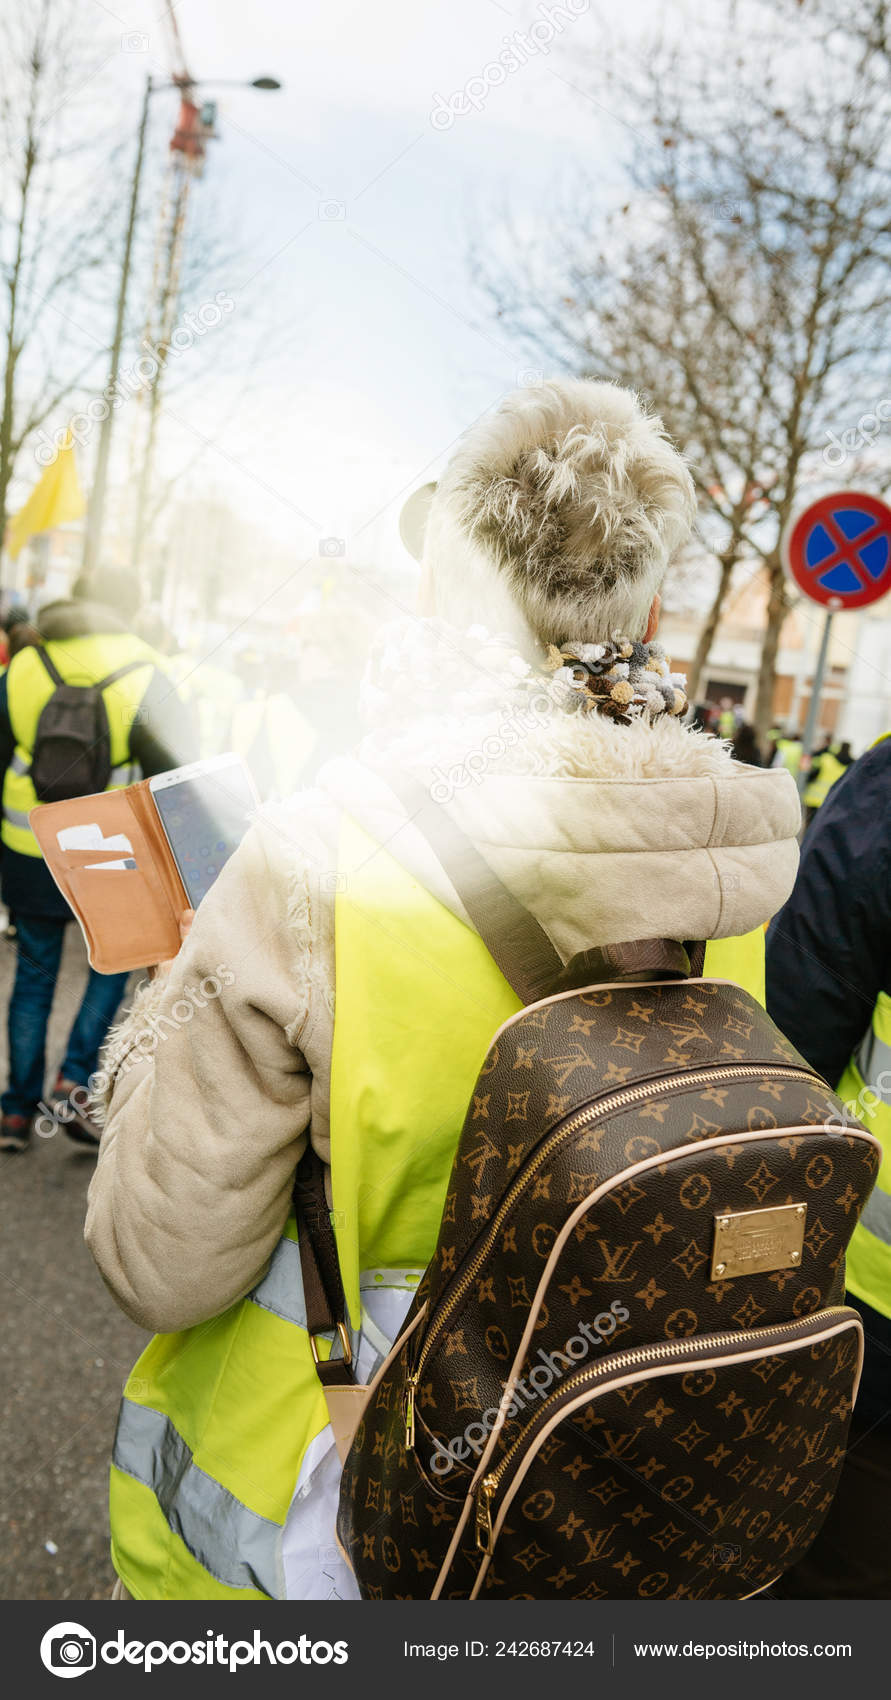 1884d73967feb Frau mit Luxus Louis Vuitton Rucksack bei gelben Westen protest ...